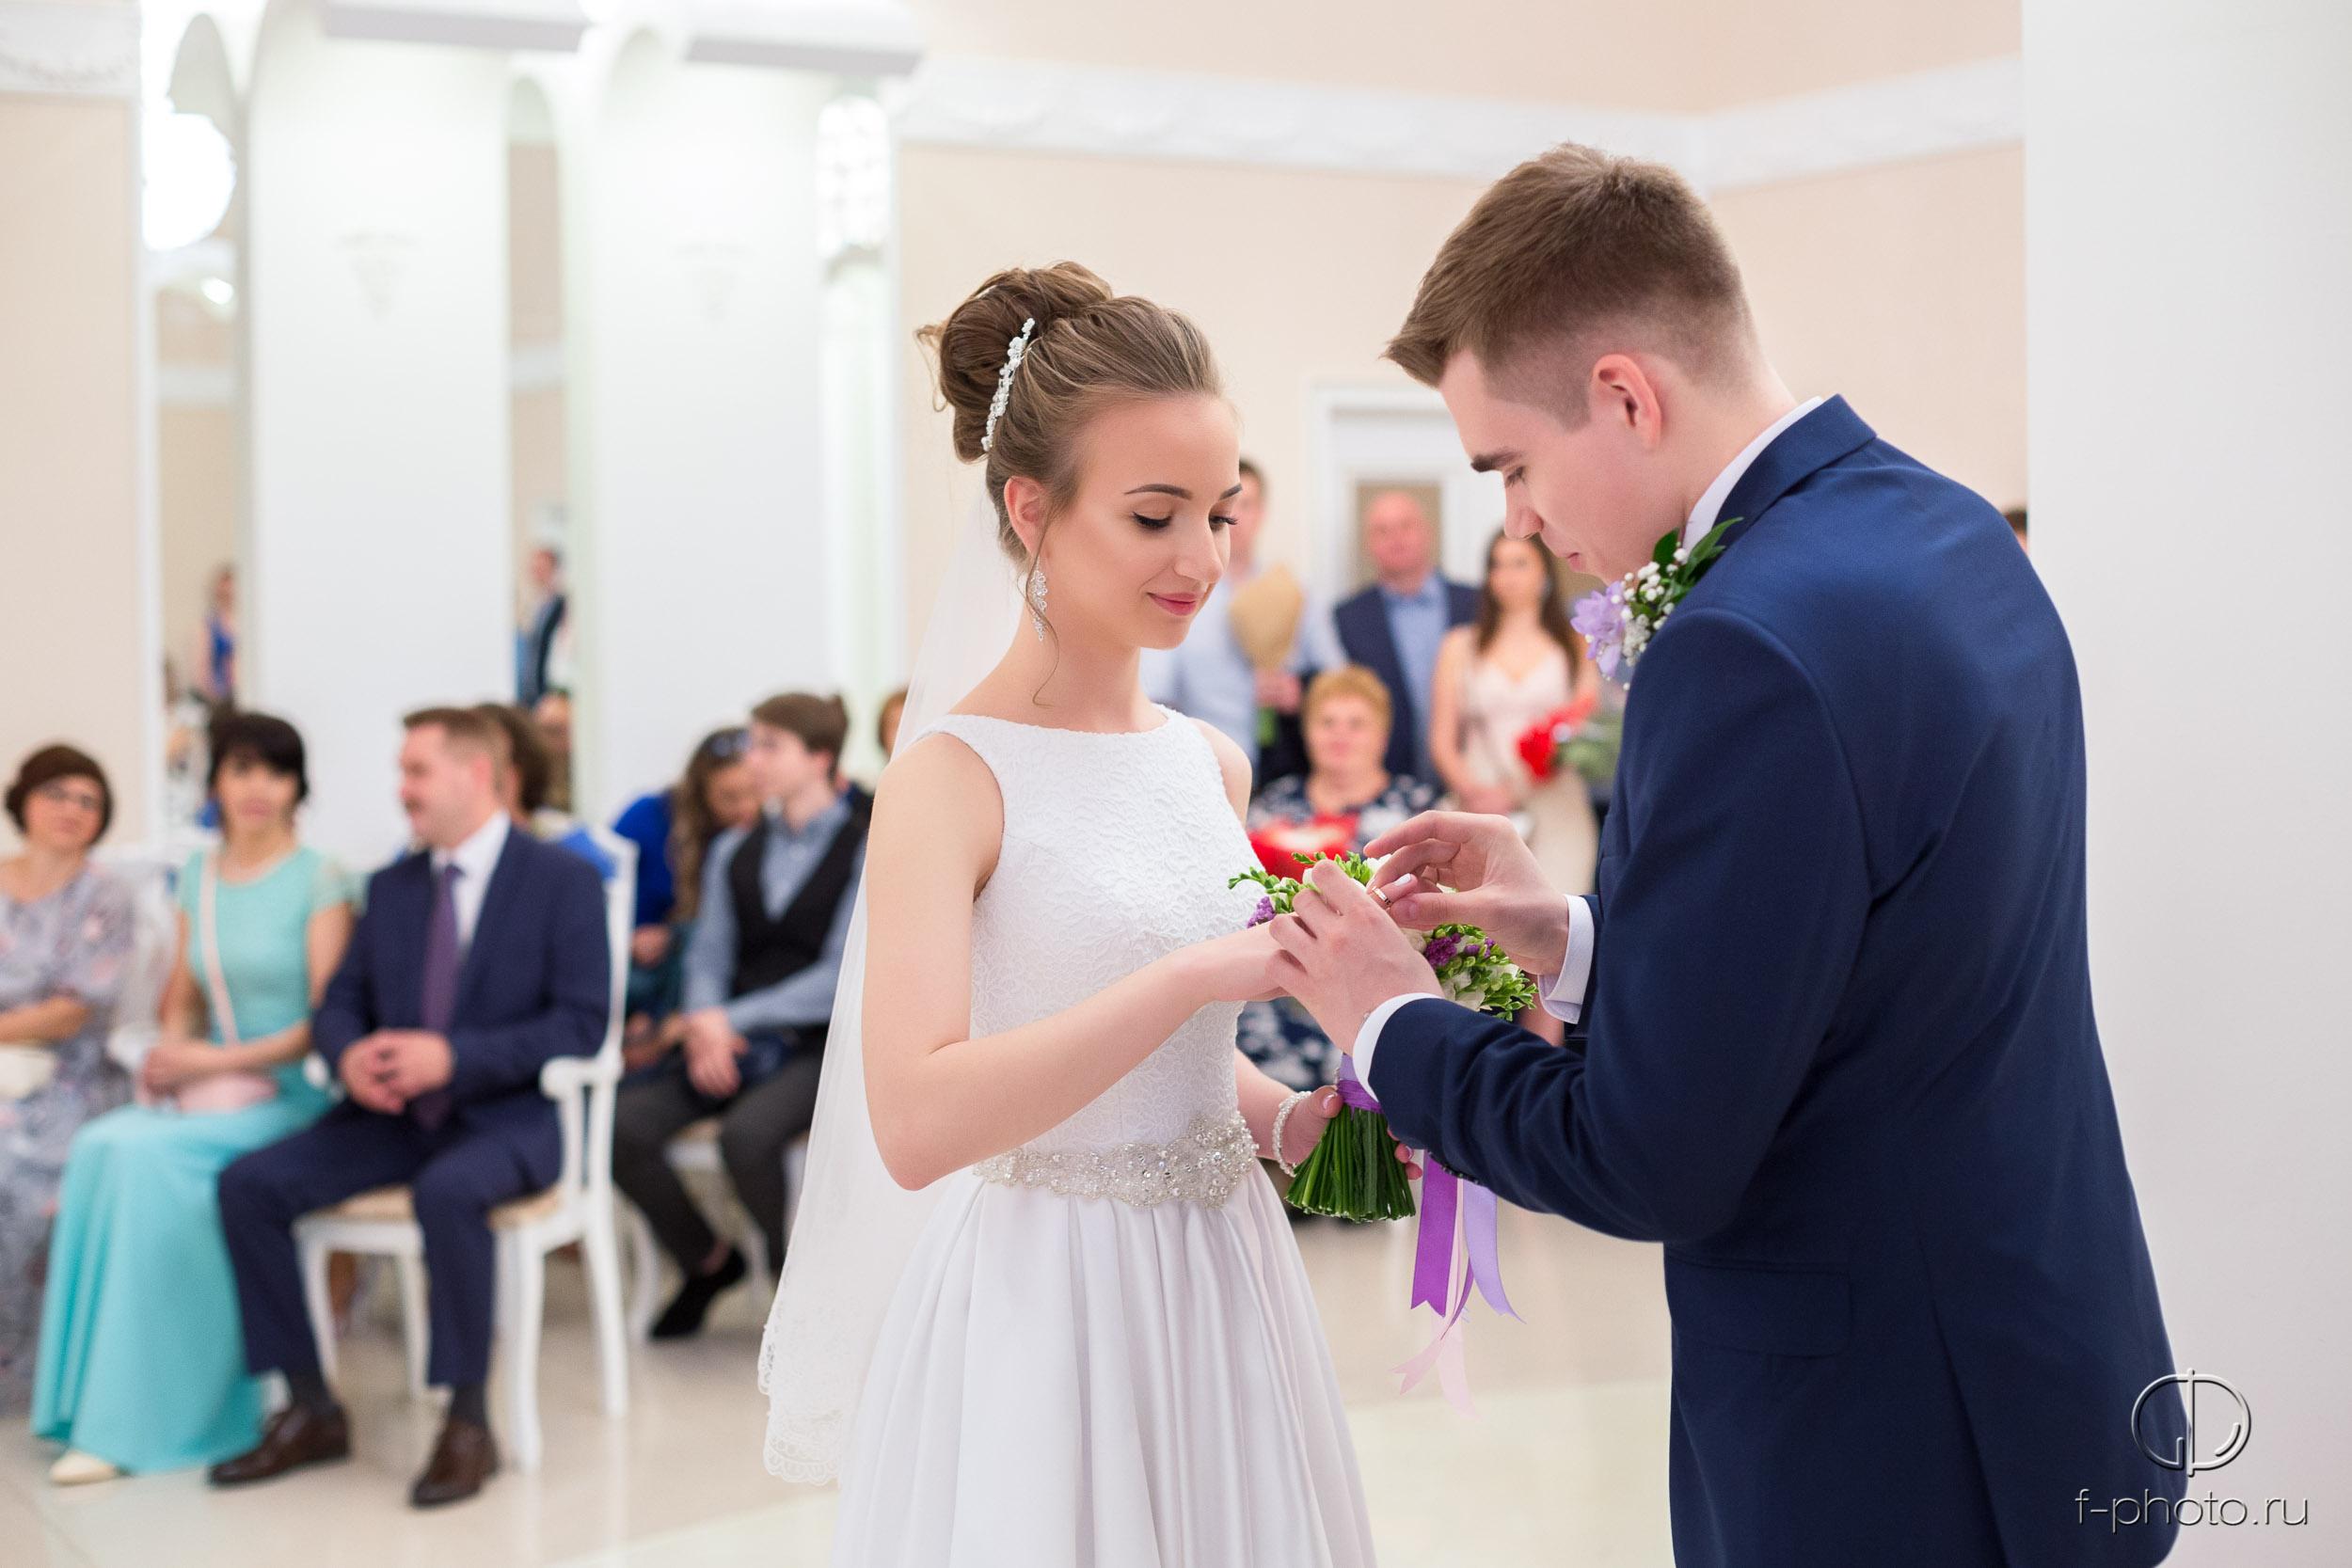 Одевание колец жених и невеста